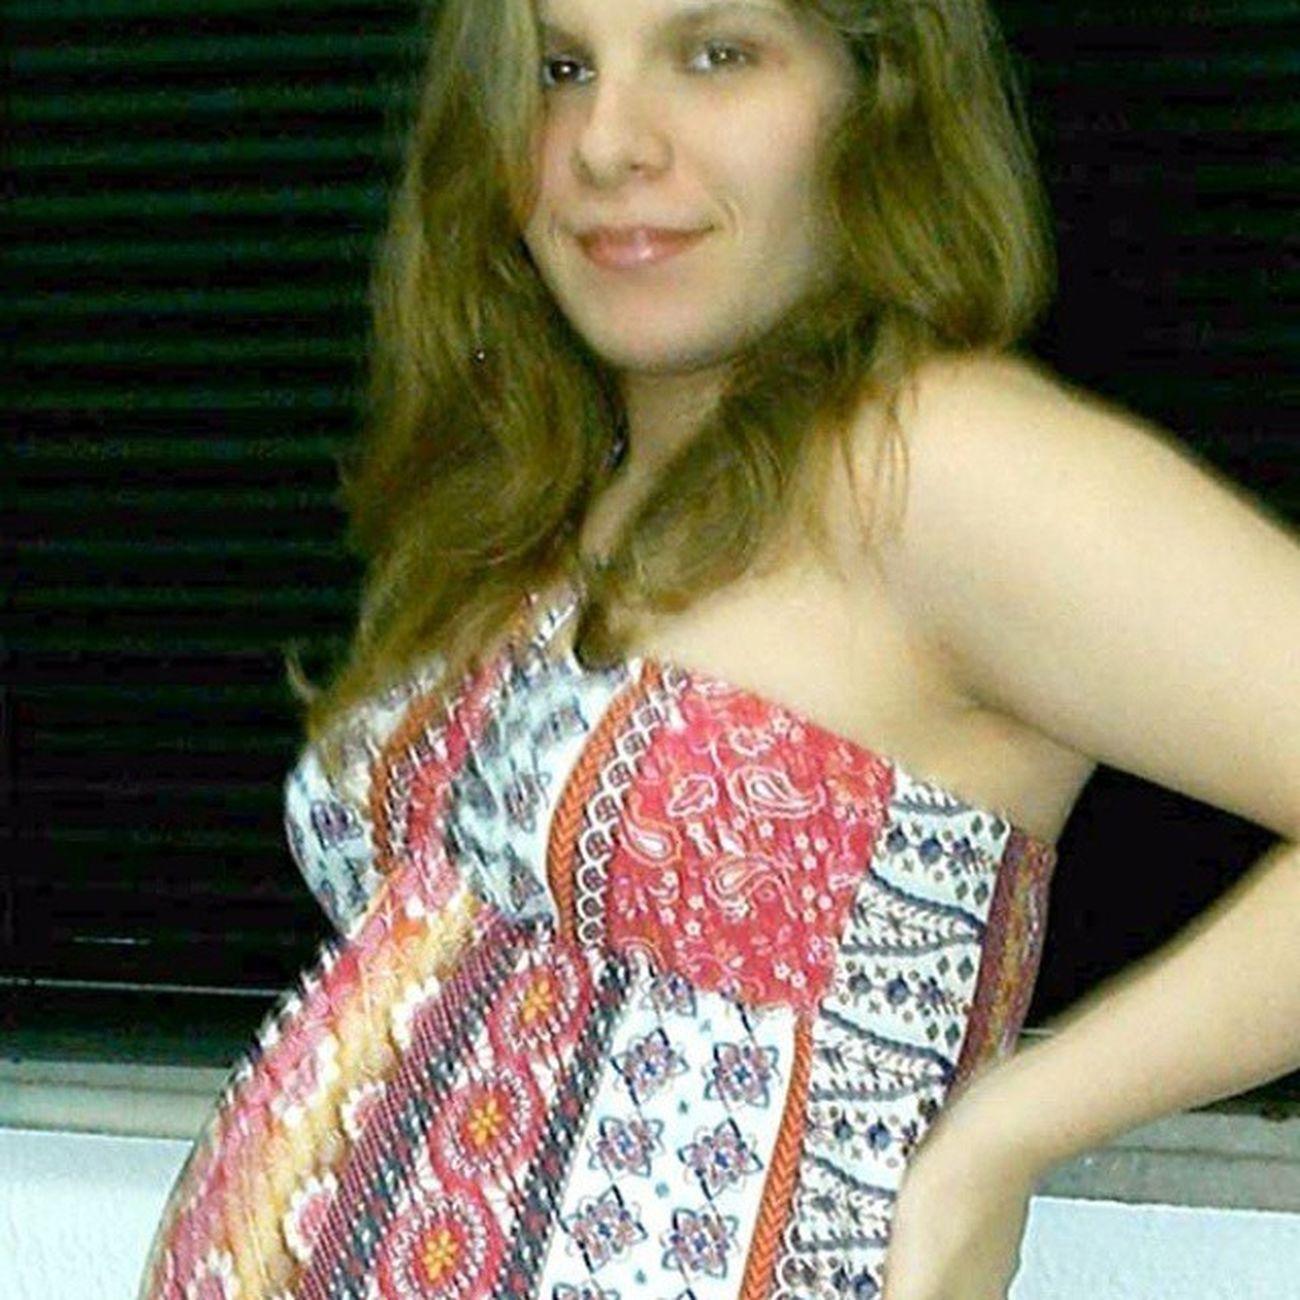 Desafio da Campanha contra o aborto q ta rolando no Facebook Eu Grávida  do meu @nicolas.jogos.8 em 2006 💙👶🍼💕